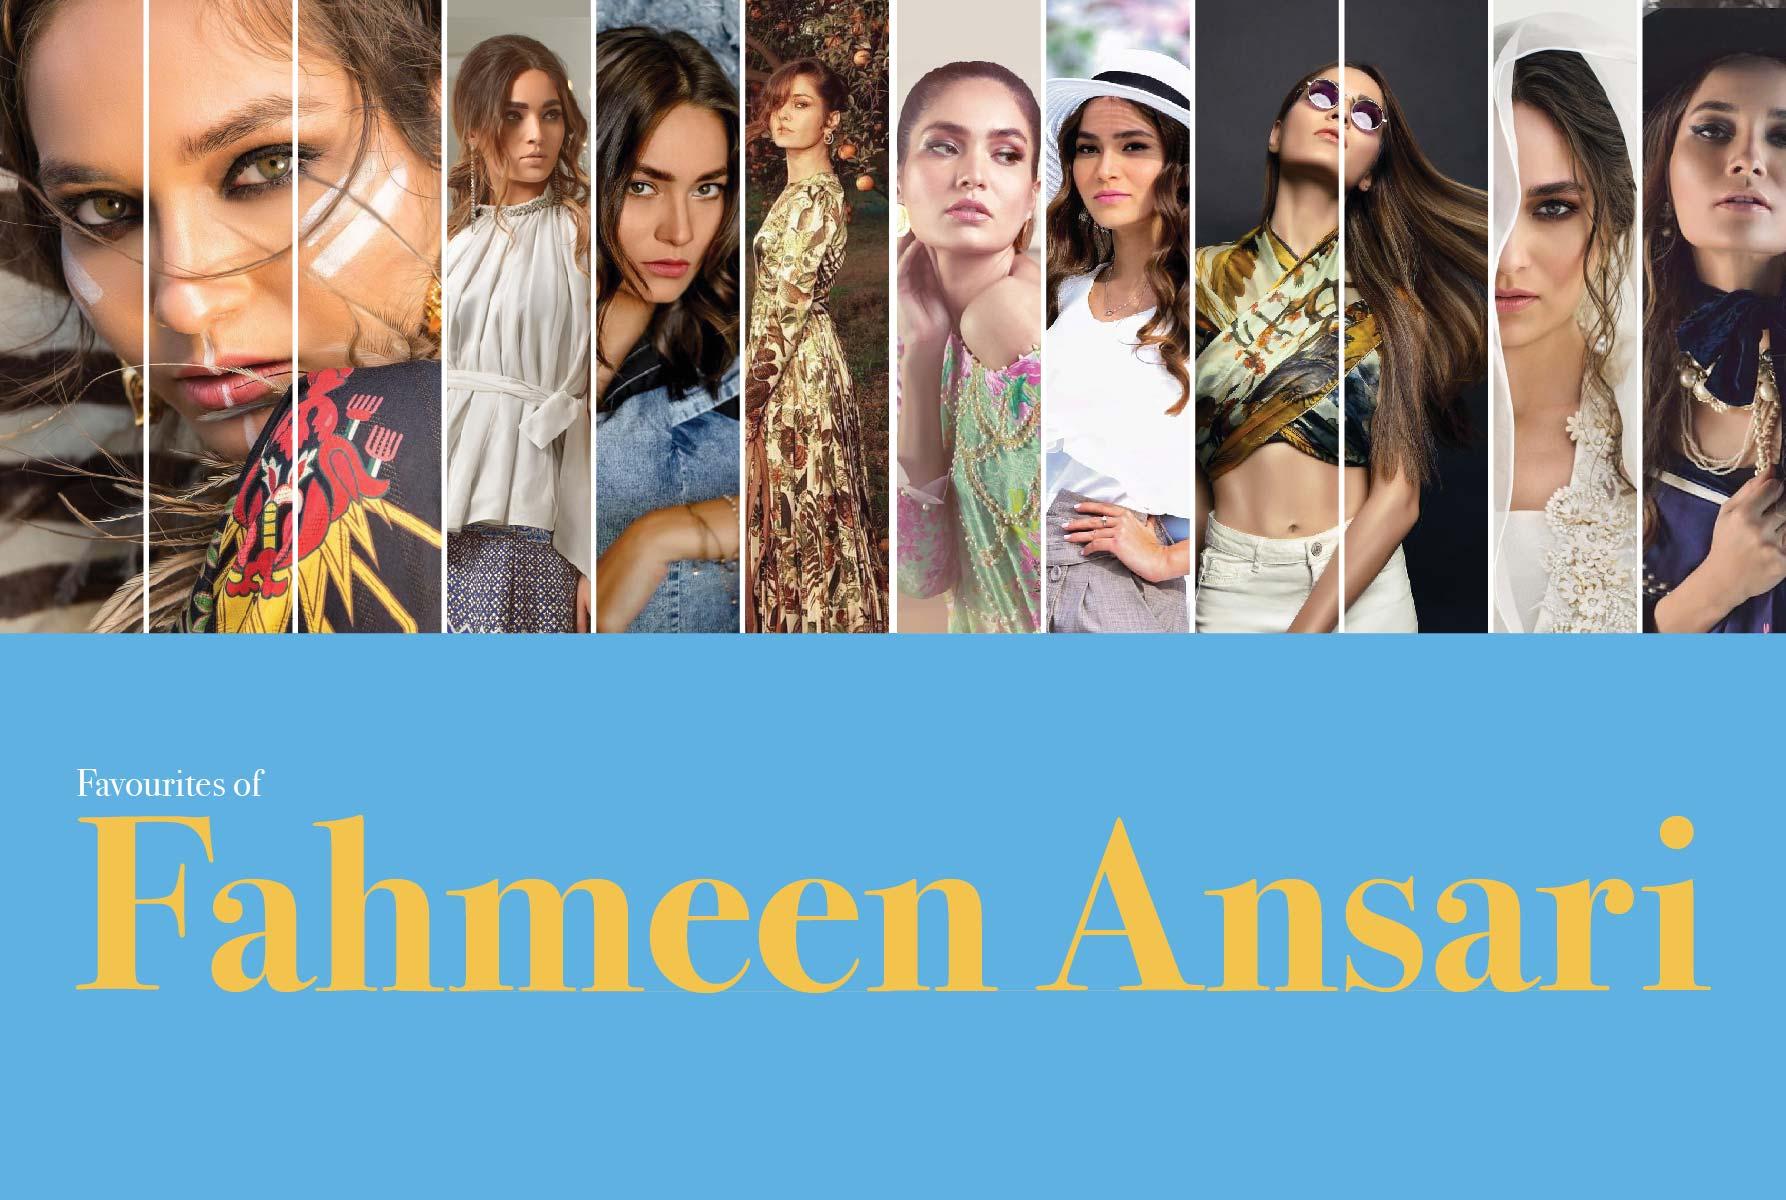 Favorites of Fahmeen Ansari